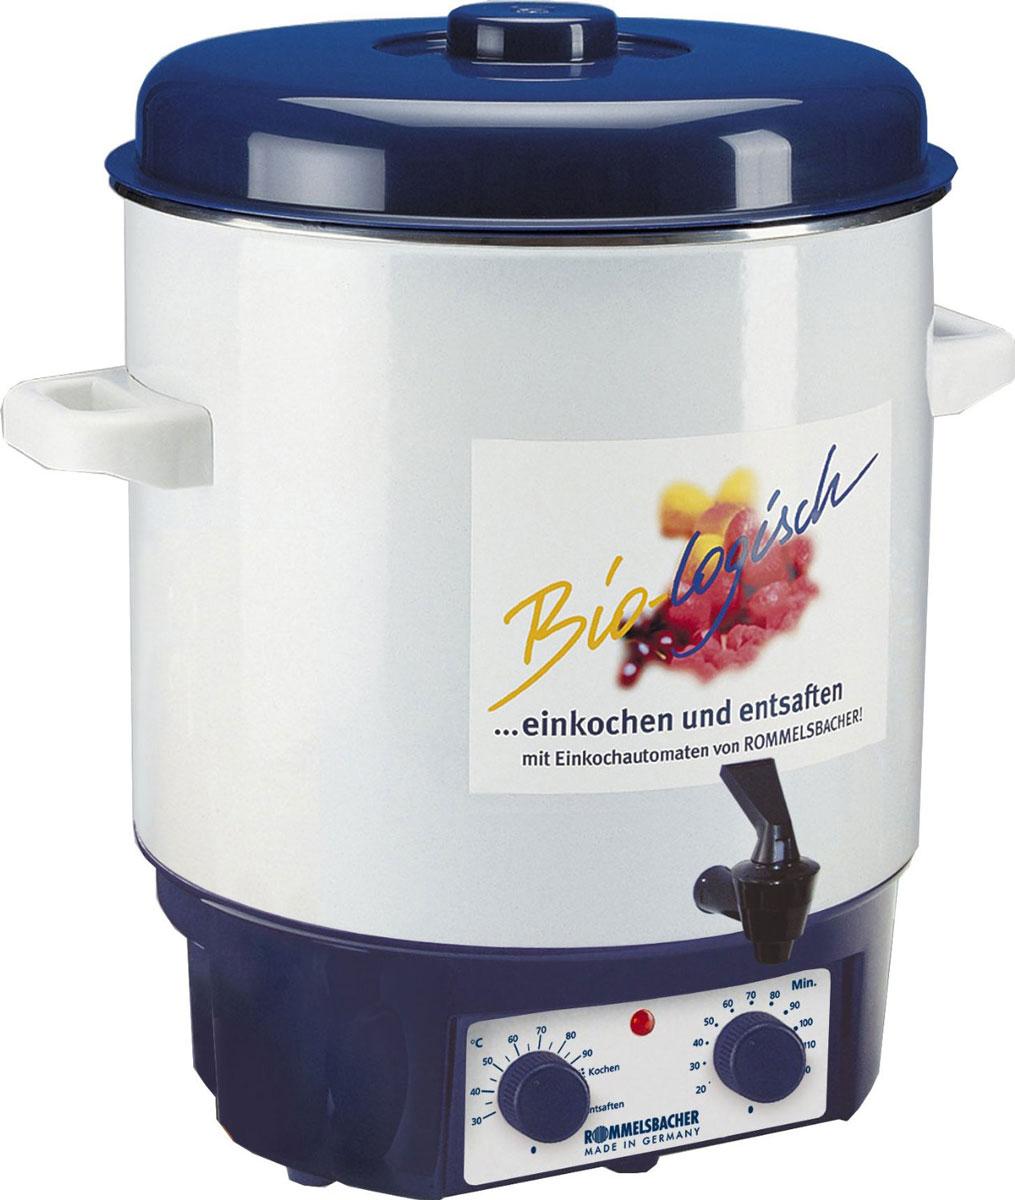 Rommelsbacher KA 1804 глинтвейн-мейкерKA 1804Глинтвейн-мейкер Rommelsbacher KA 1804позволяет в течение всего года наслаждаться плодами лета. Фруктовые соки, глинтвейн и варенье приготавливаются легко, просто и удобно. Также прибор прекрасно поддерживает горячую температуру напитков. Rommelsbacher KA 1804можно использовать для стерилизации банок, а благодаря удобному крану можно наливать горячий глинтвейн, пунш и другие напитки.Контрольная лампа нагреваВстроенный термостатТаймер: 120 минутДвойной слой прочной эмали на баке